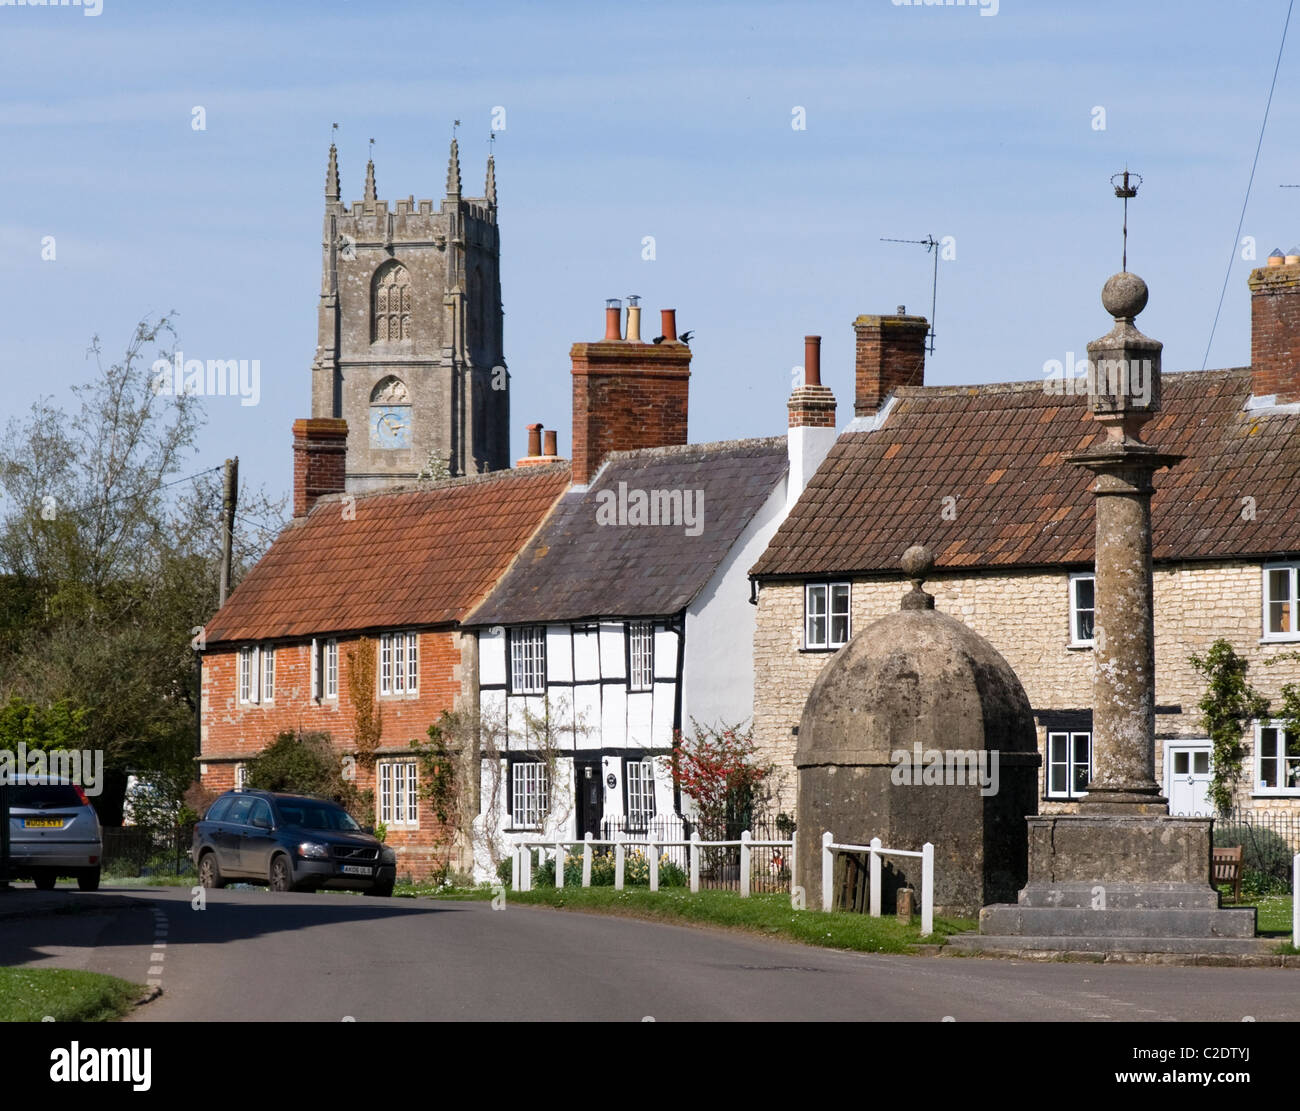 Steeple Ashton wiltshire England UK - Stock Image